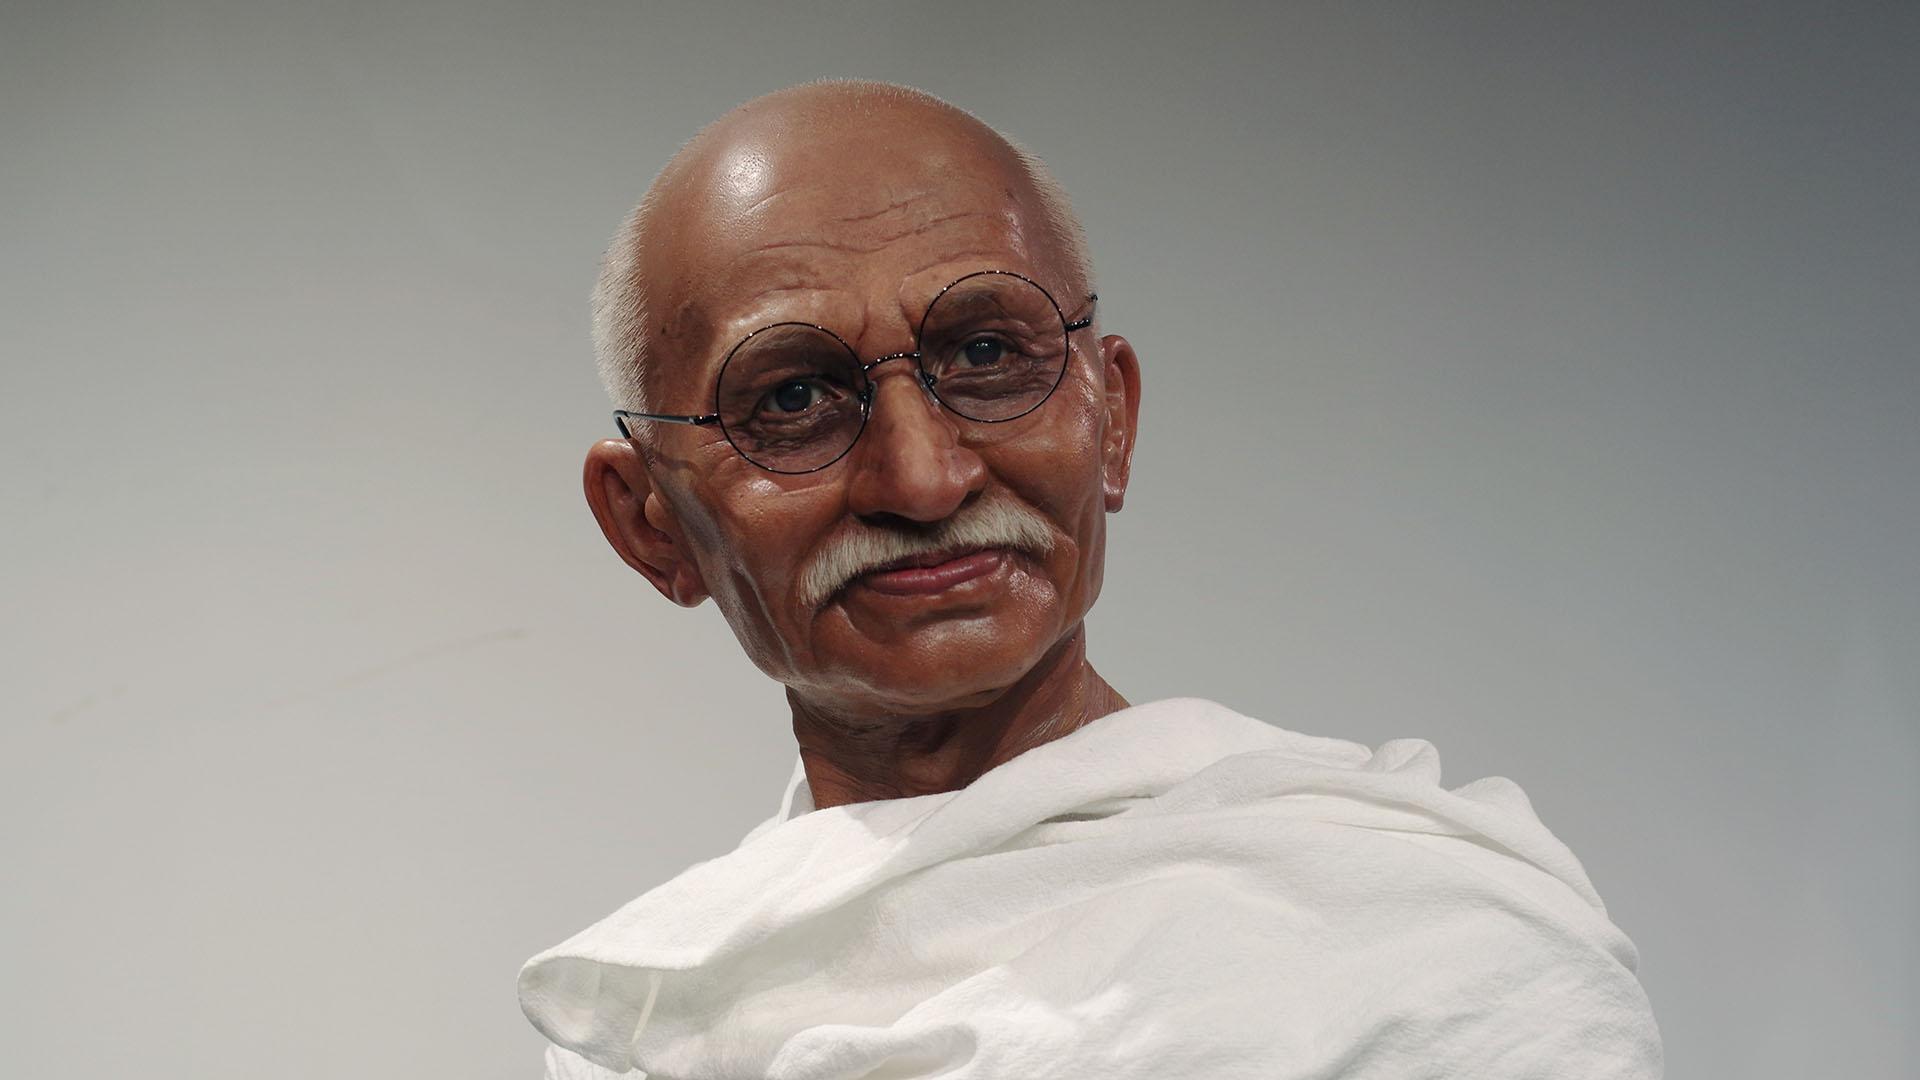 मोहनदास गांधी के लिए फैक्टरी मूर्ति सामूहिक सिम्युलेटेड लाइफ साइज सिलिकॉन वैक्स मूर्तियां